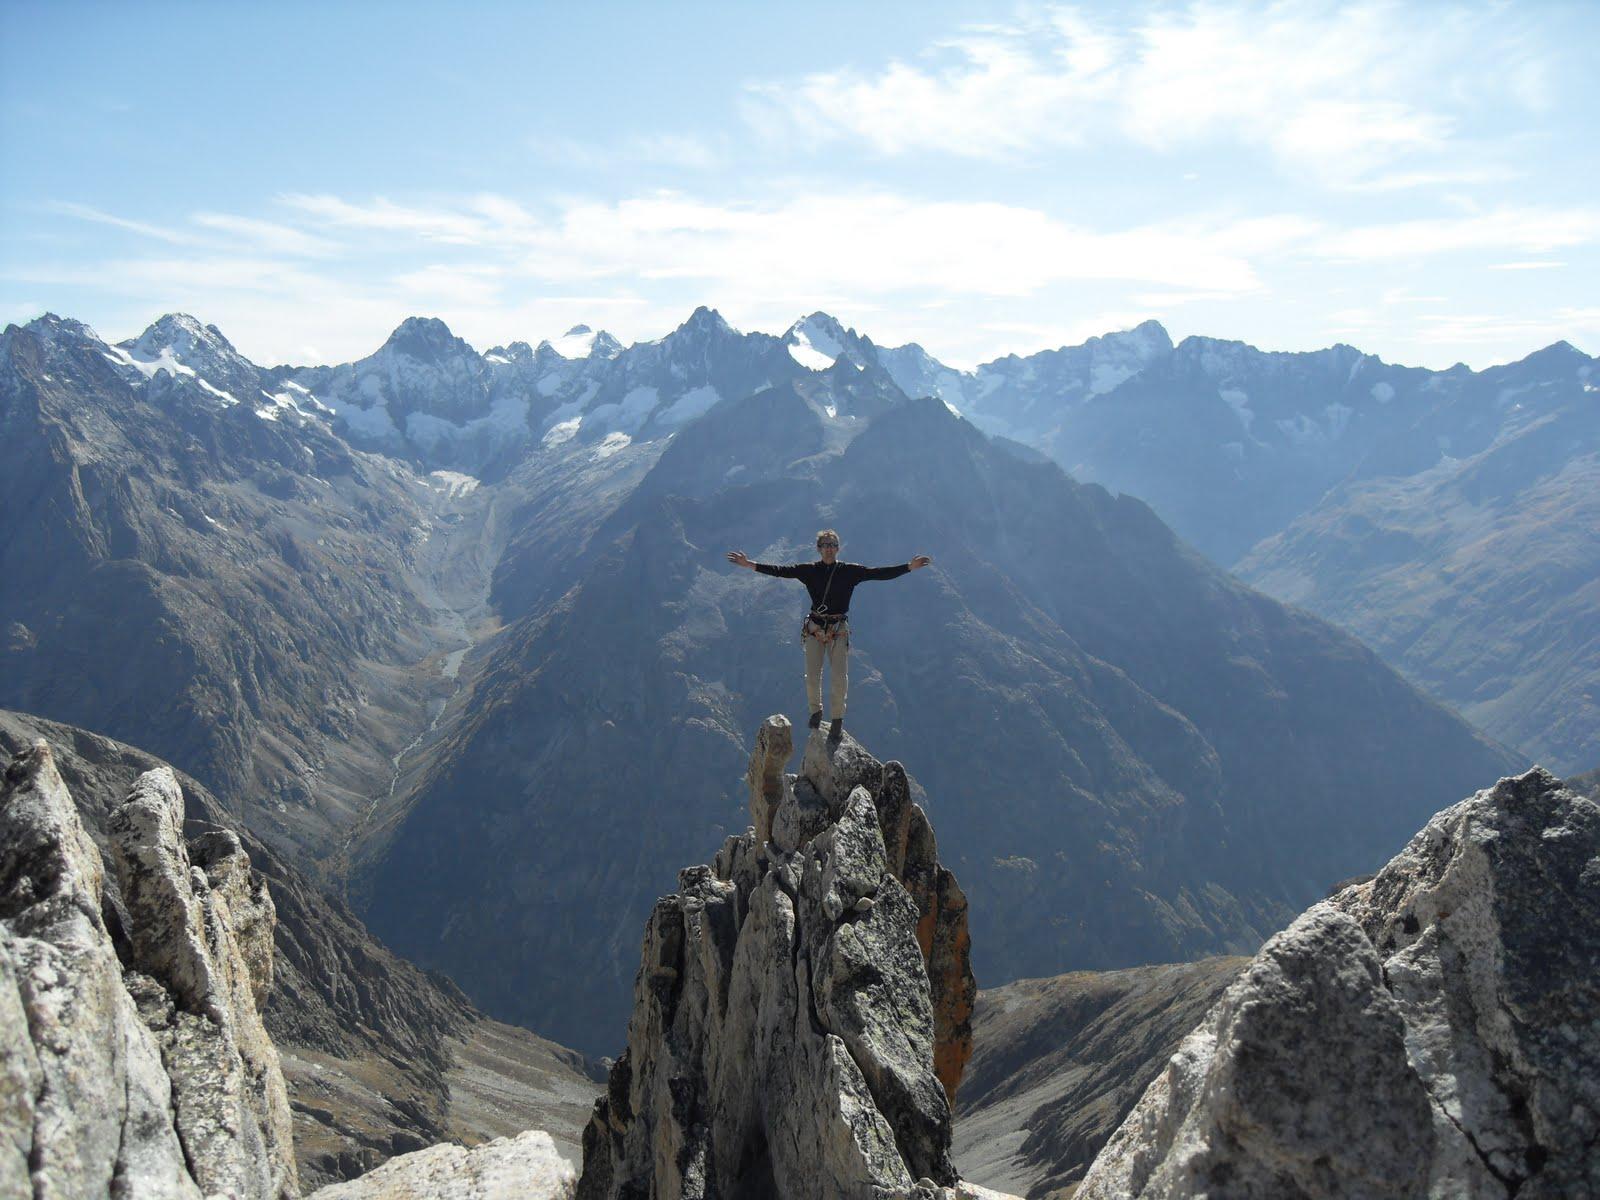 Le guide de haute montagne au sommet de la Dibona